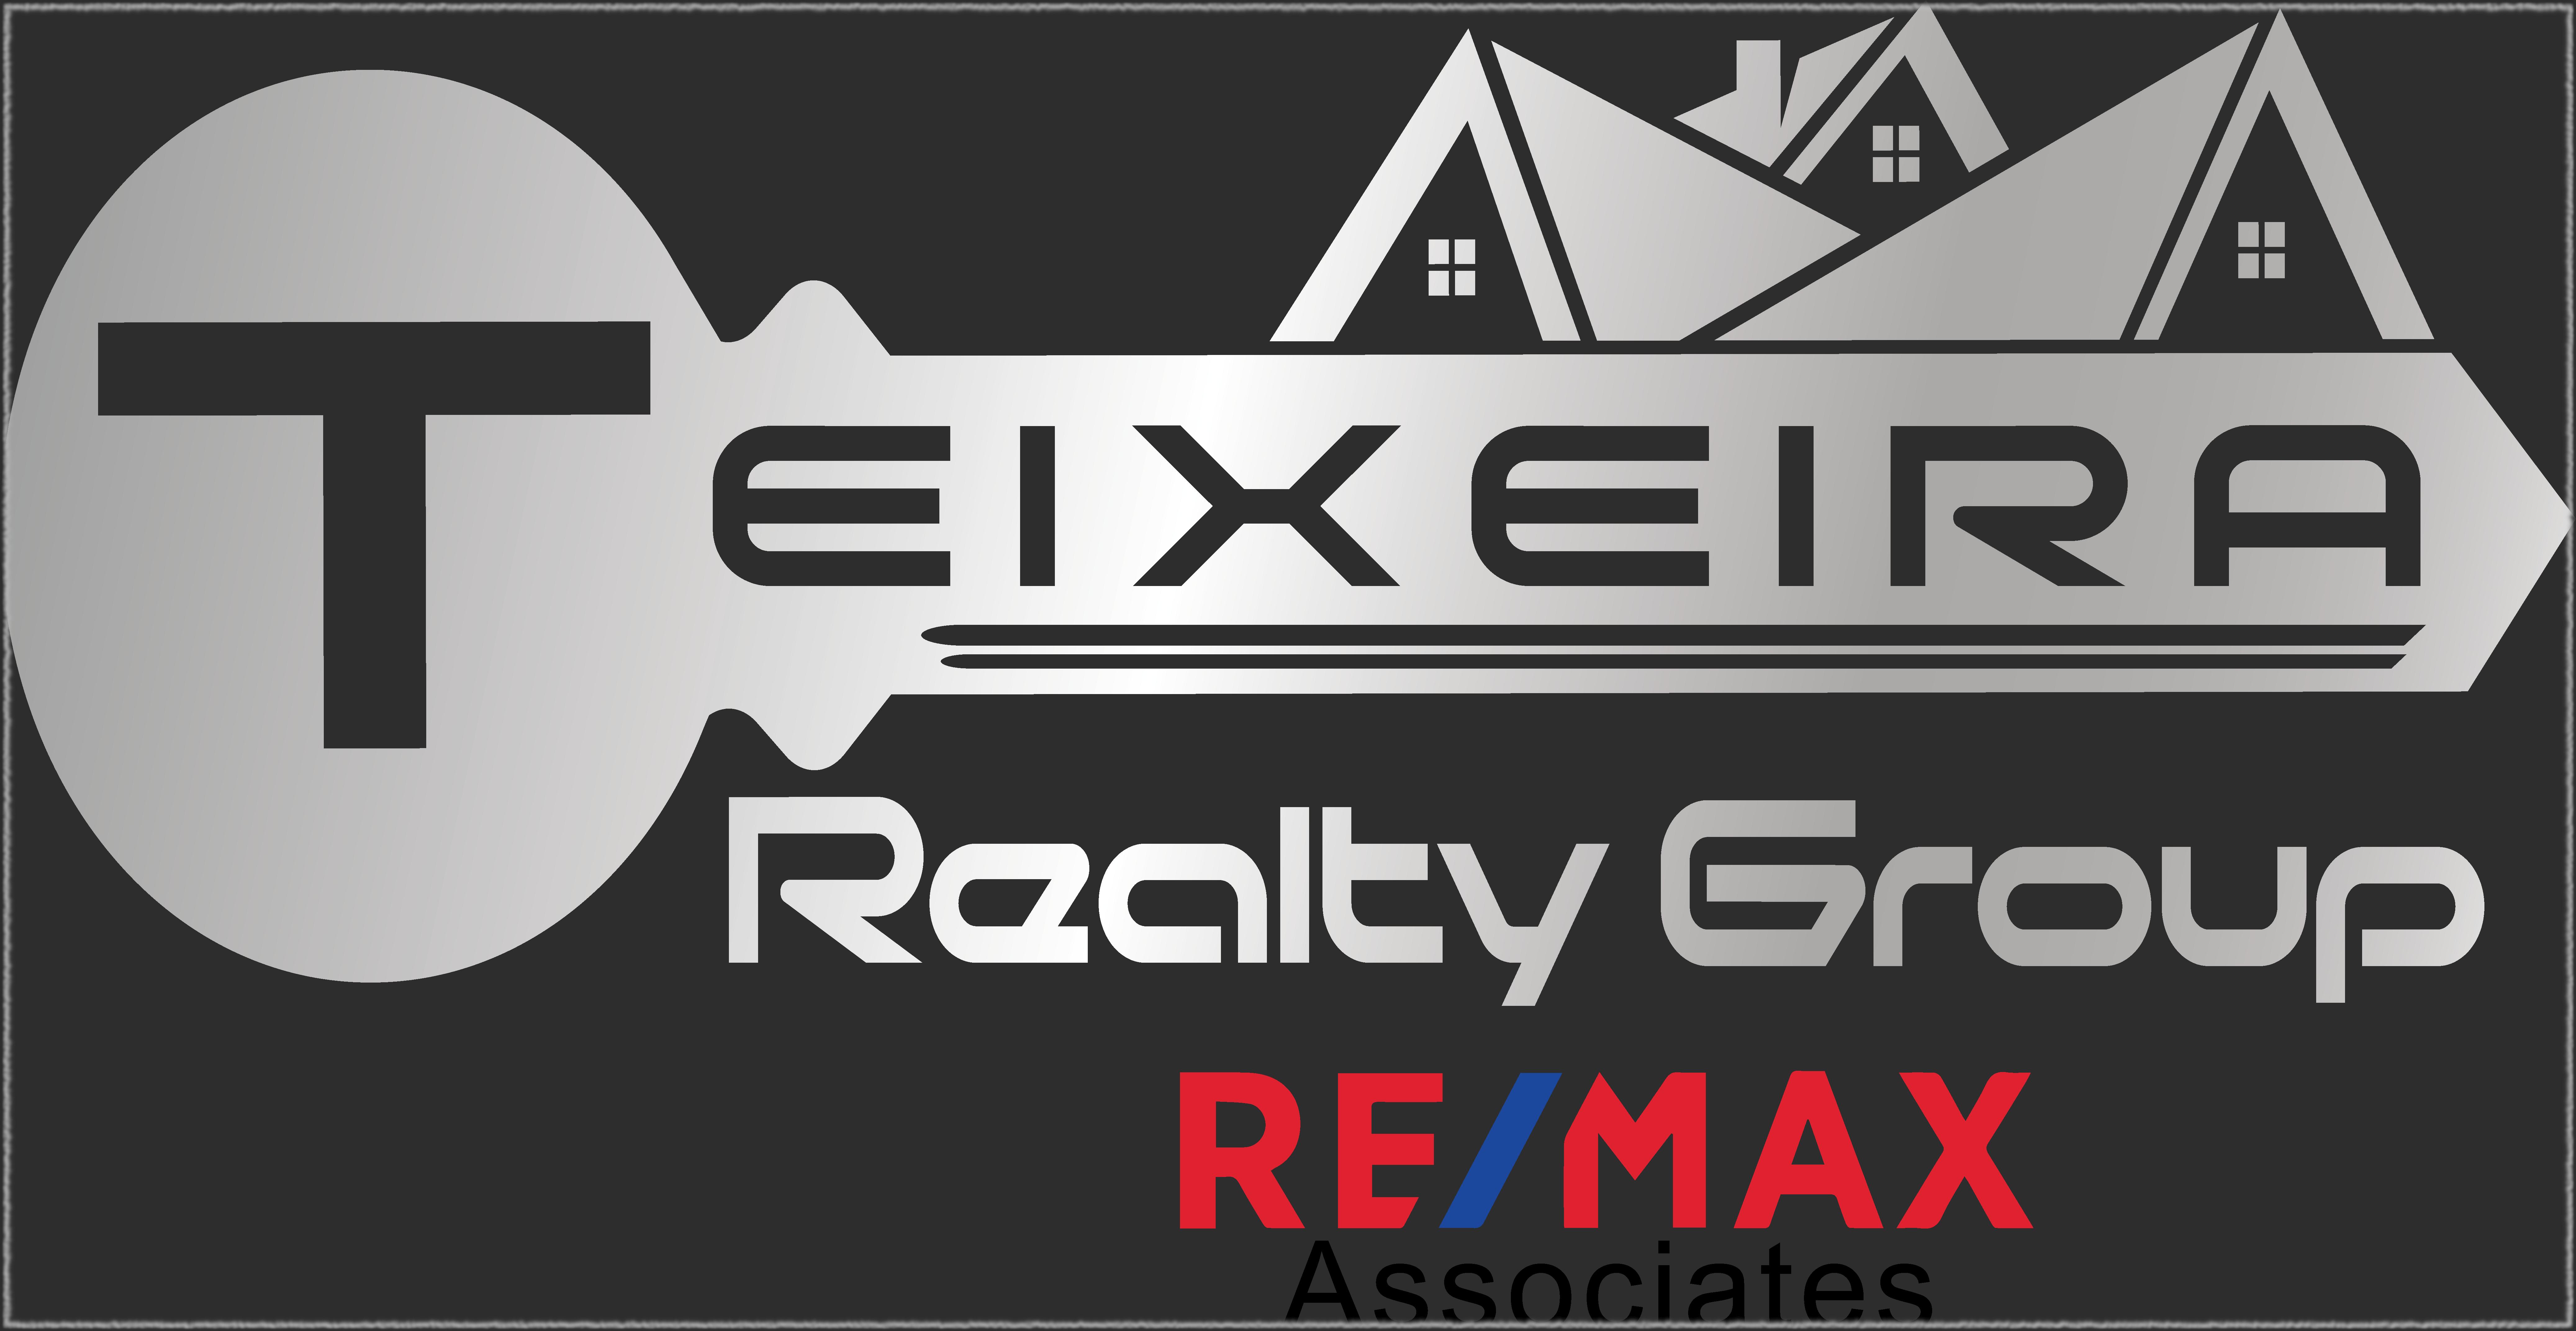 Teixeira Realty Group logo